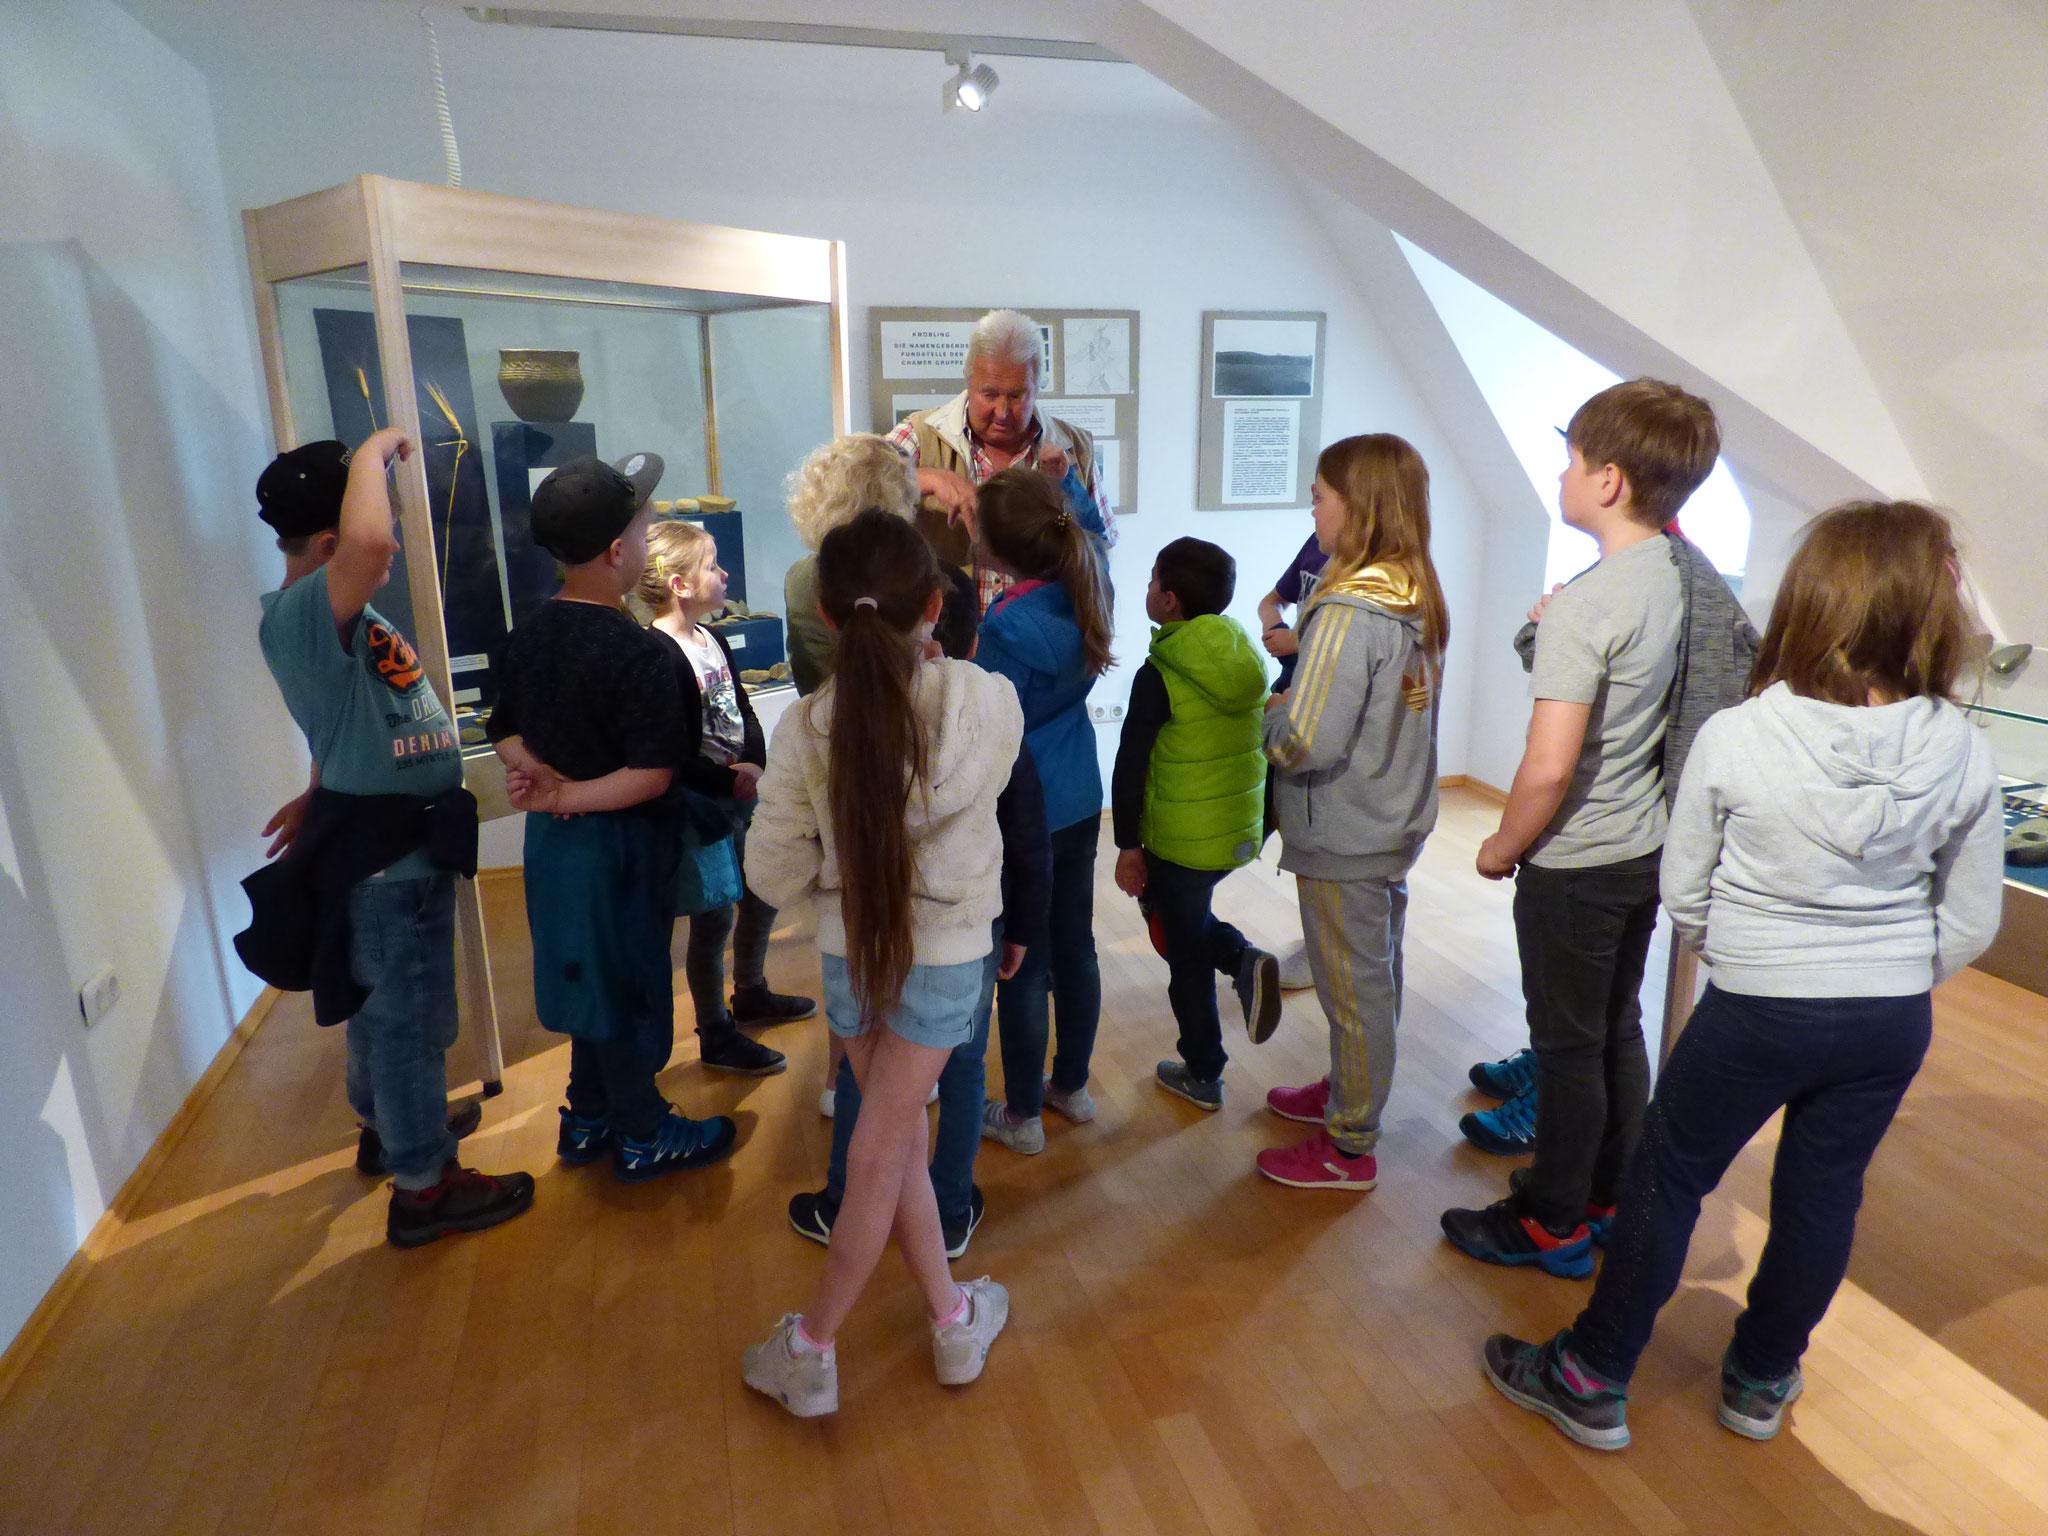 Fachkundig erklärte er alle geschichtlichen Zusammenhänge so, dass die Fundstücke der Ausstellung für die Kinder eine Bedeutung erlangten.